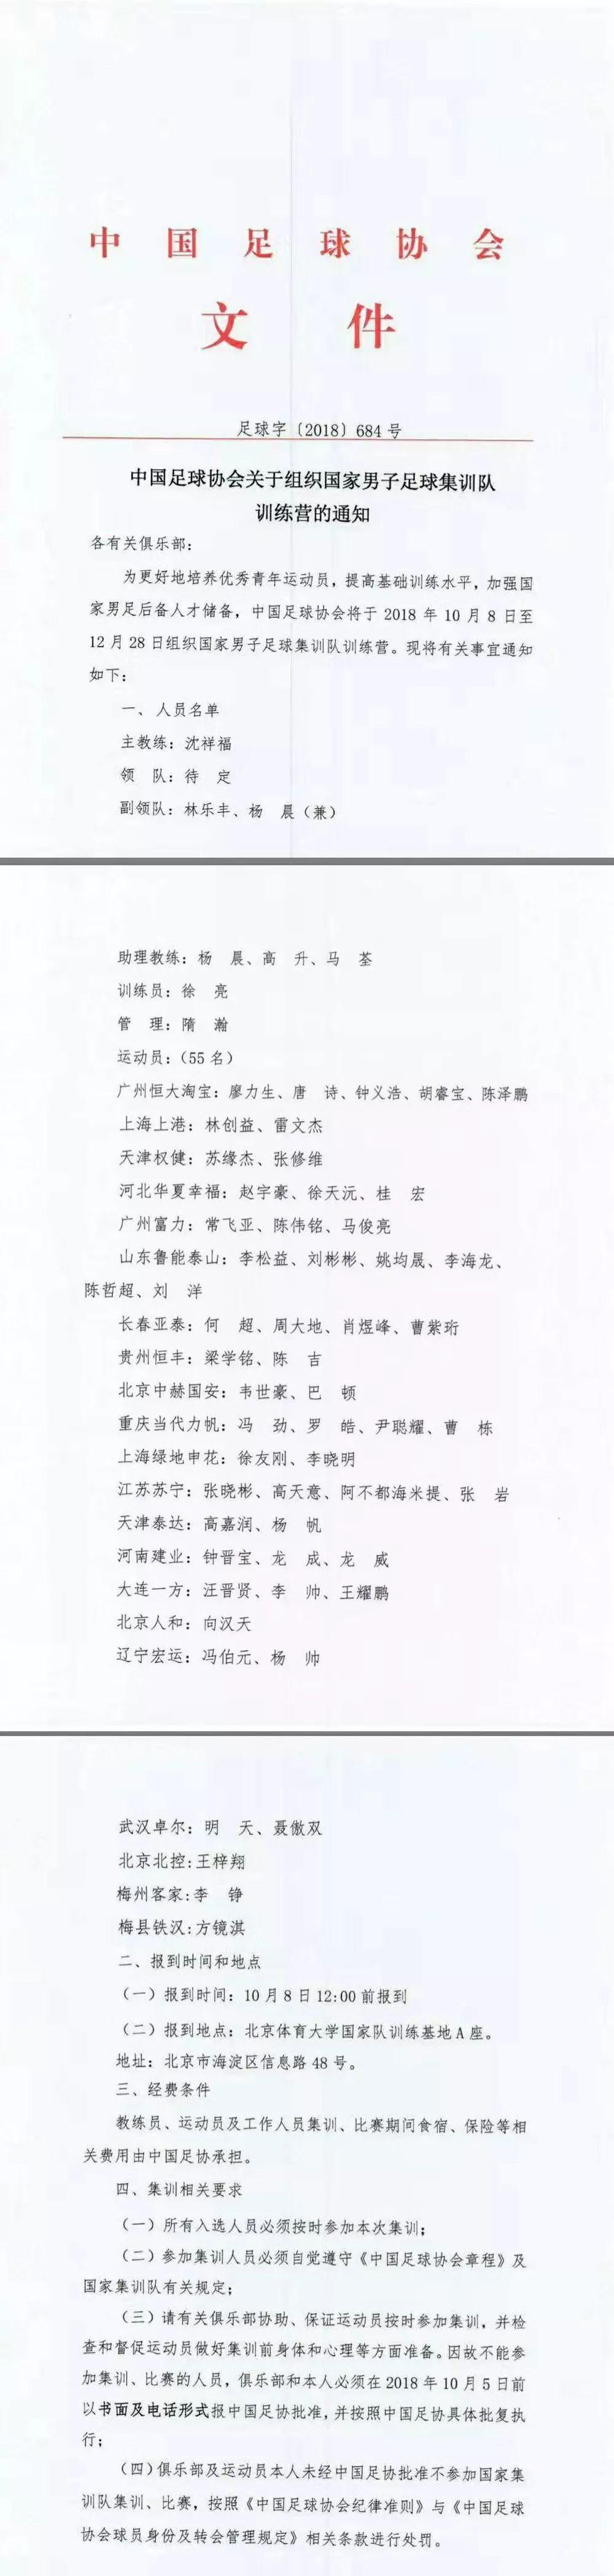 U23政策终结,鲁能最受冲击